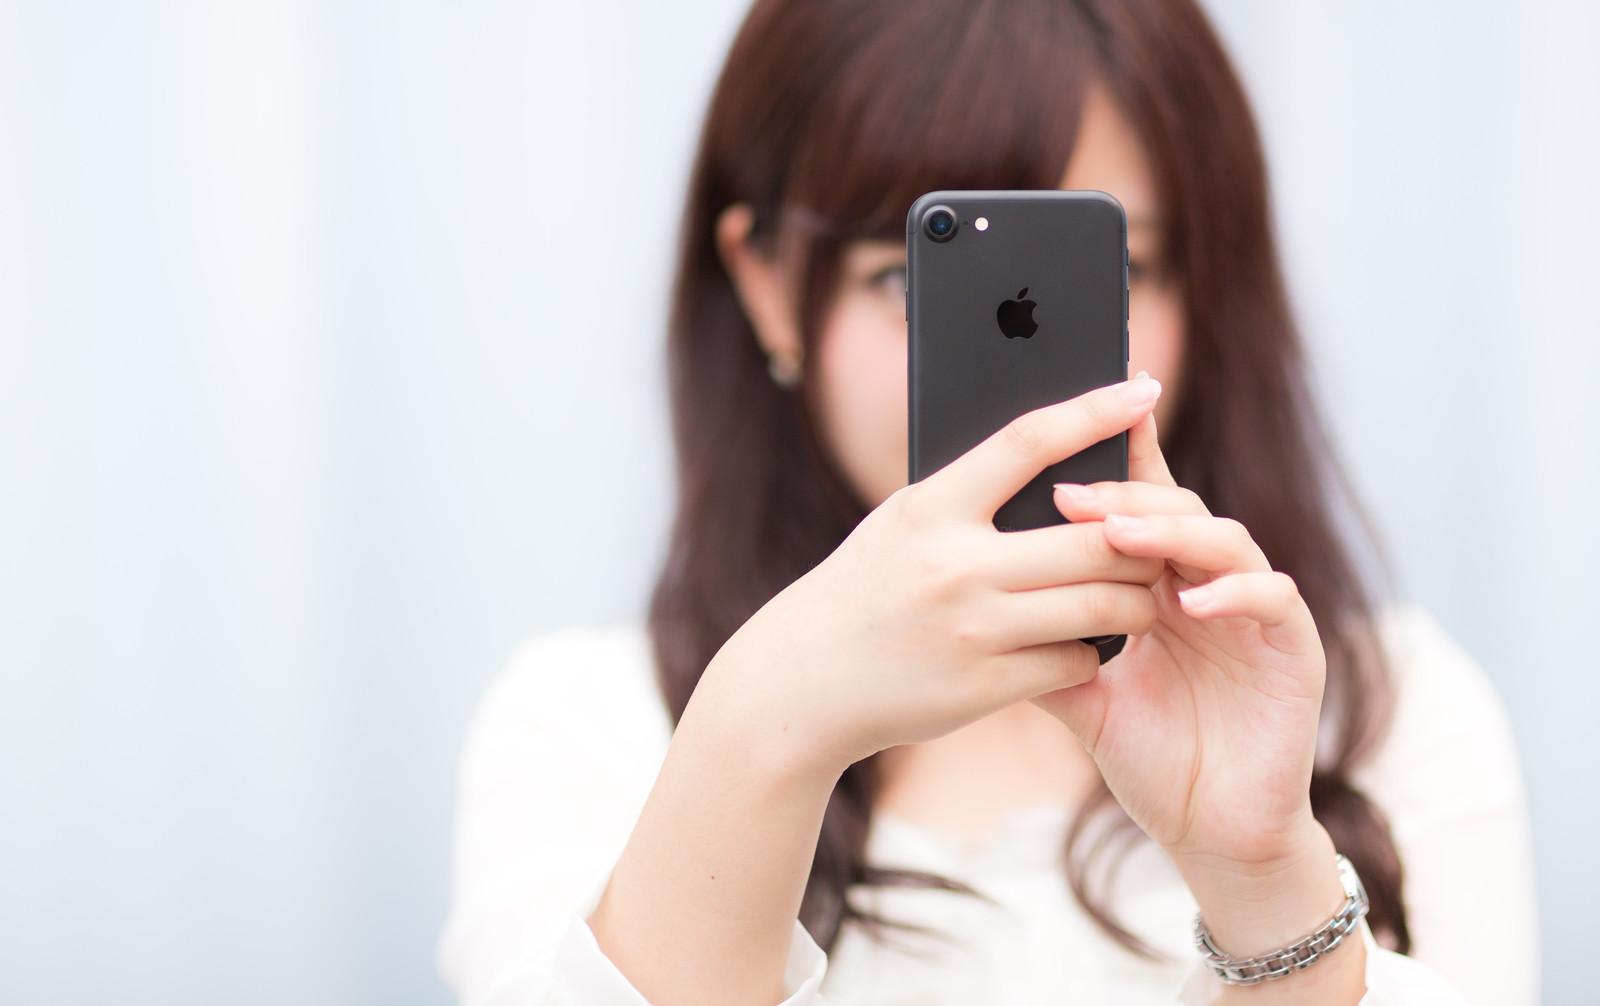 女子高生の「iPhone」利用率は85%、学生に圧倒的な人気